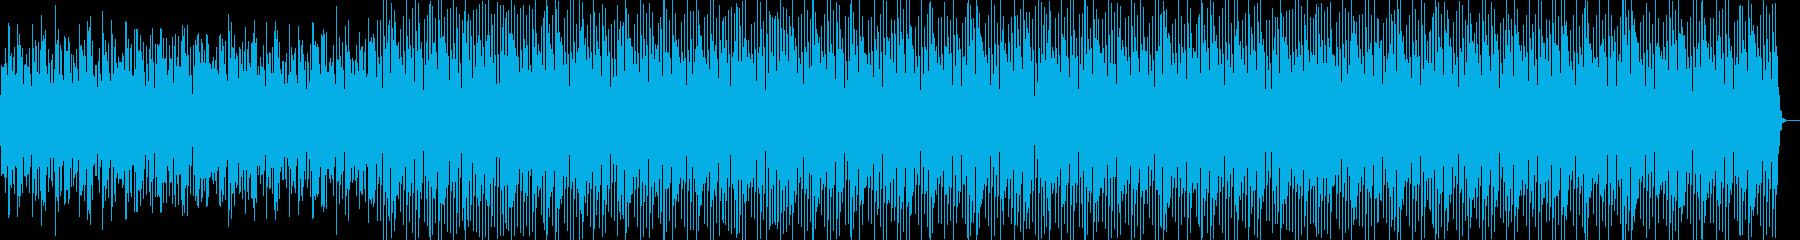 長めシンセループBPM117の再生済みの波形